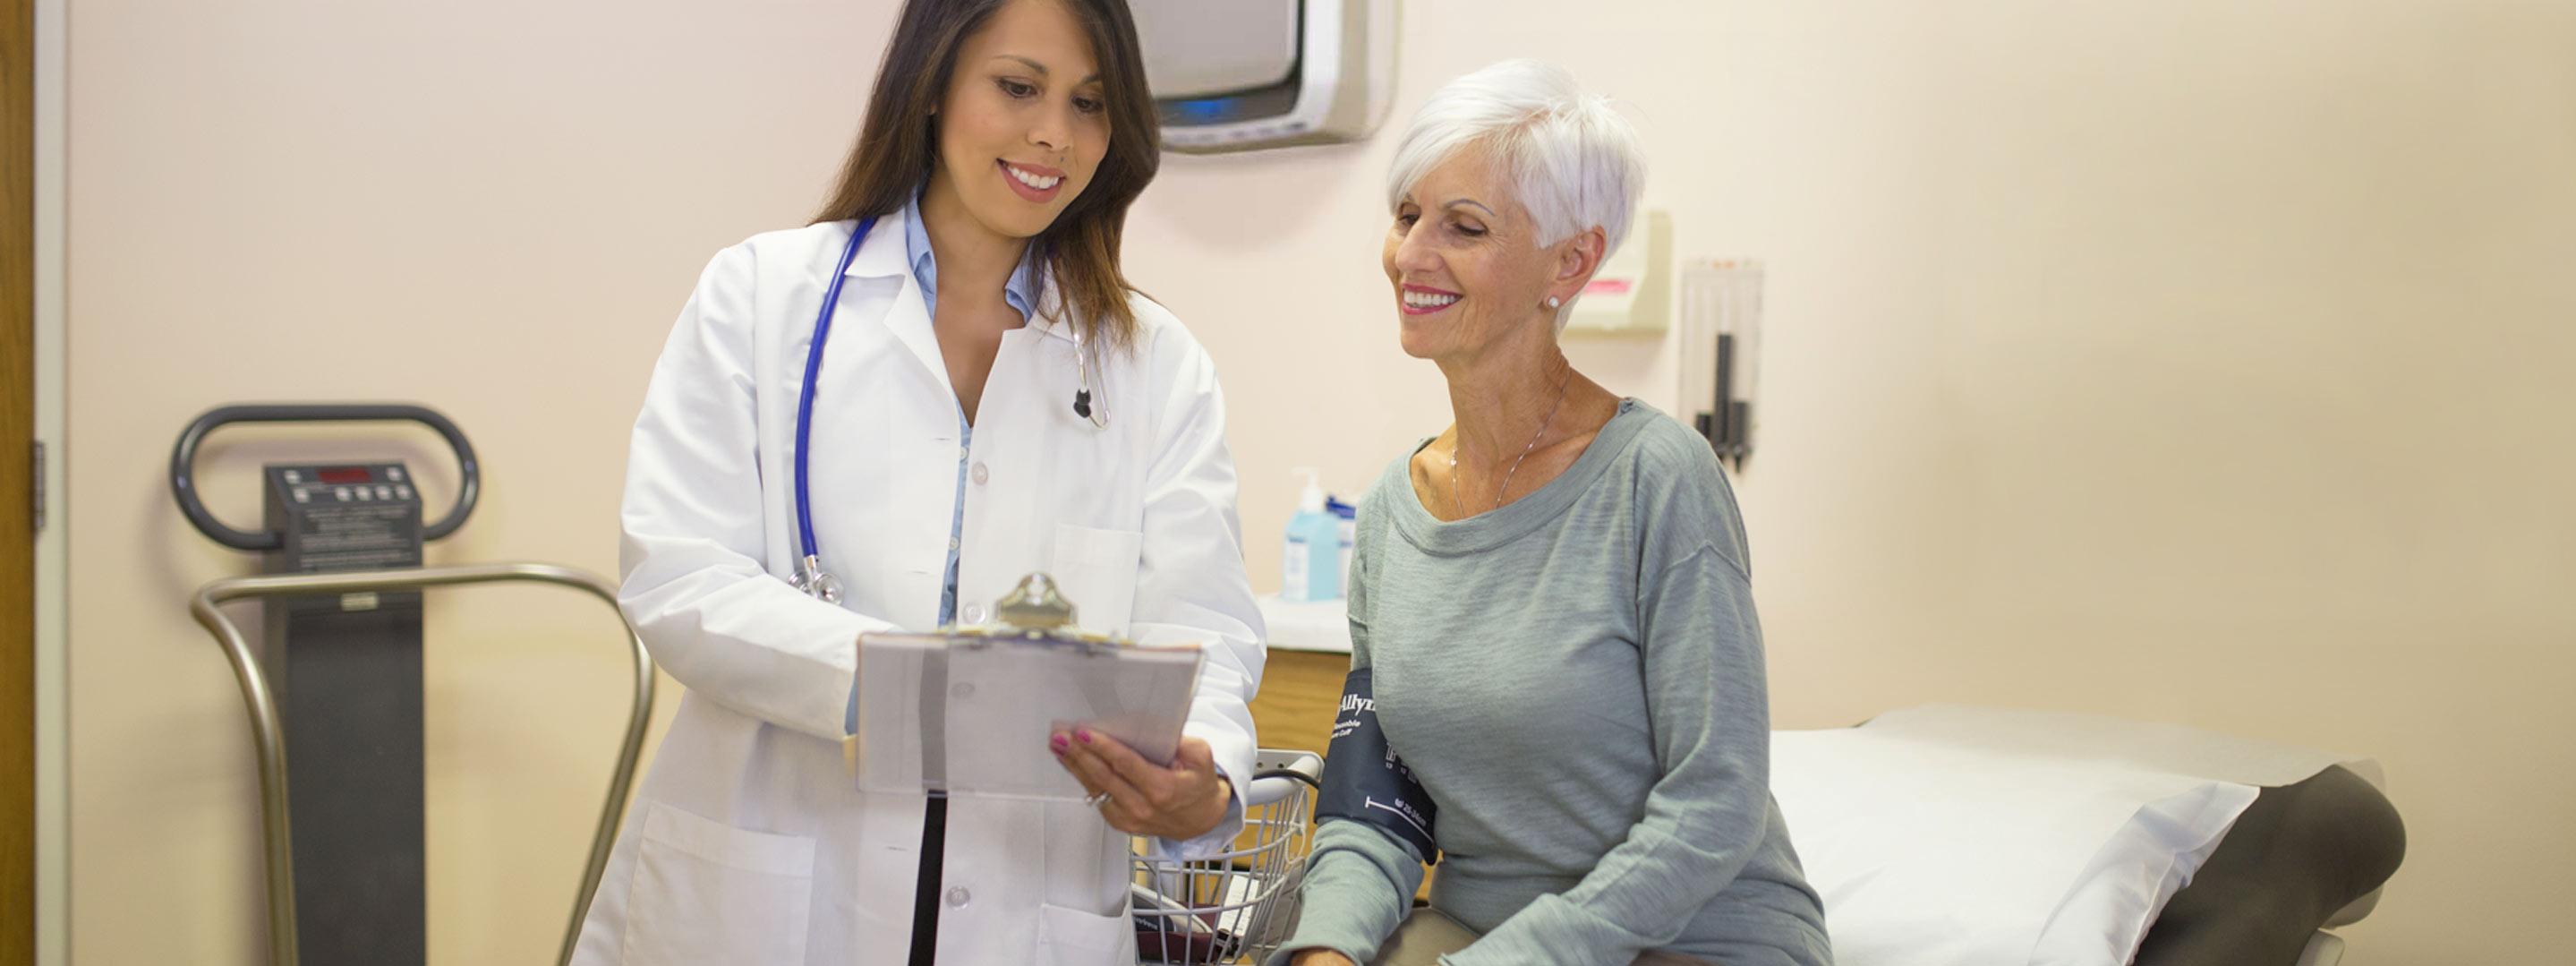 AeraMax Pro nelle aziende sanitarie